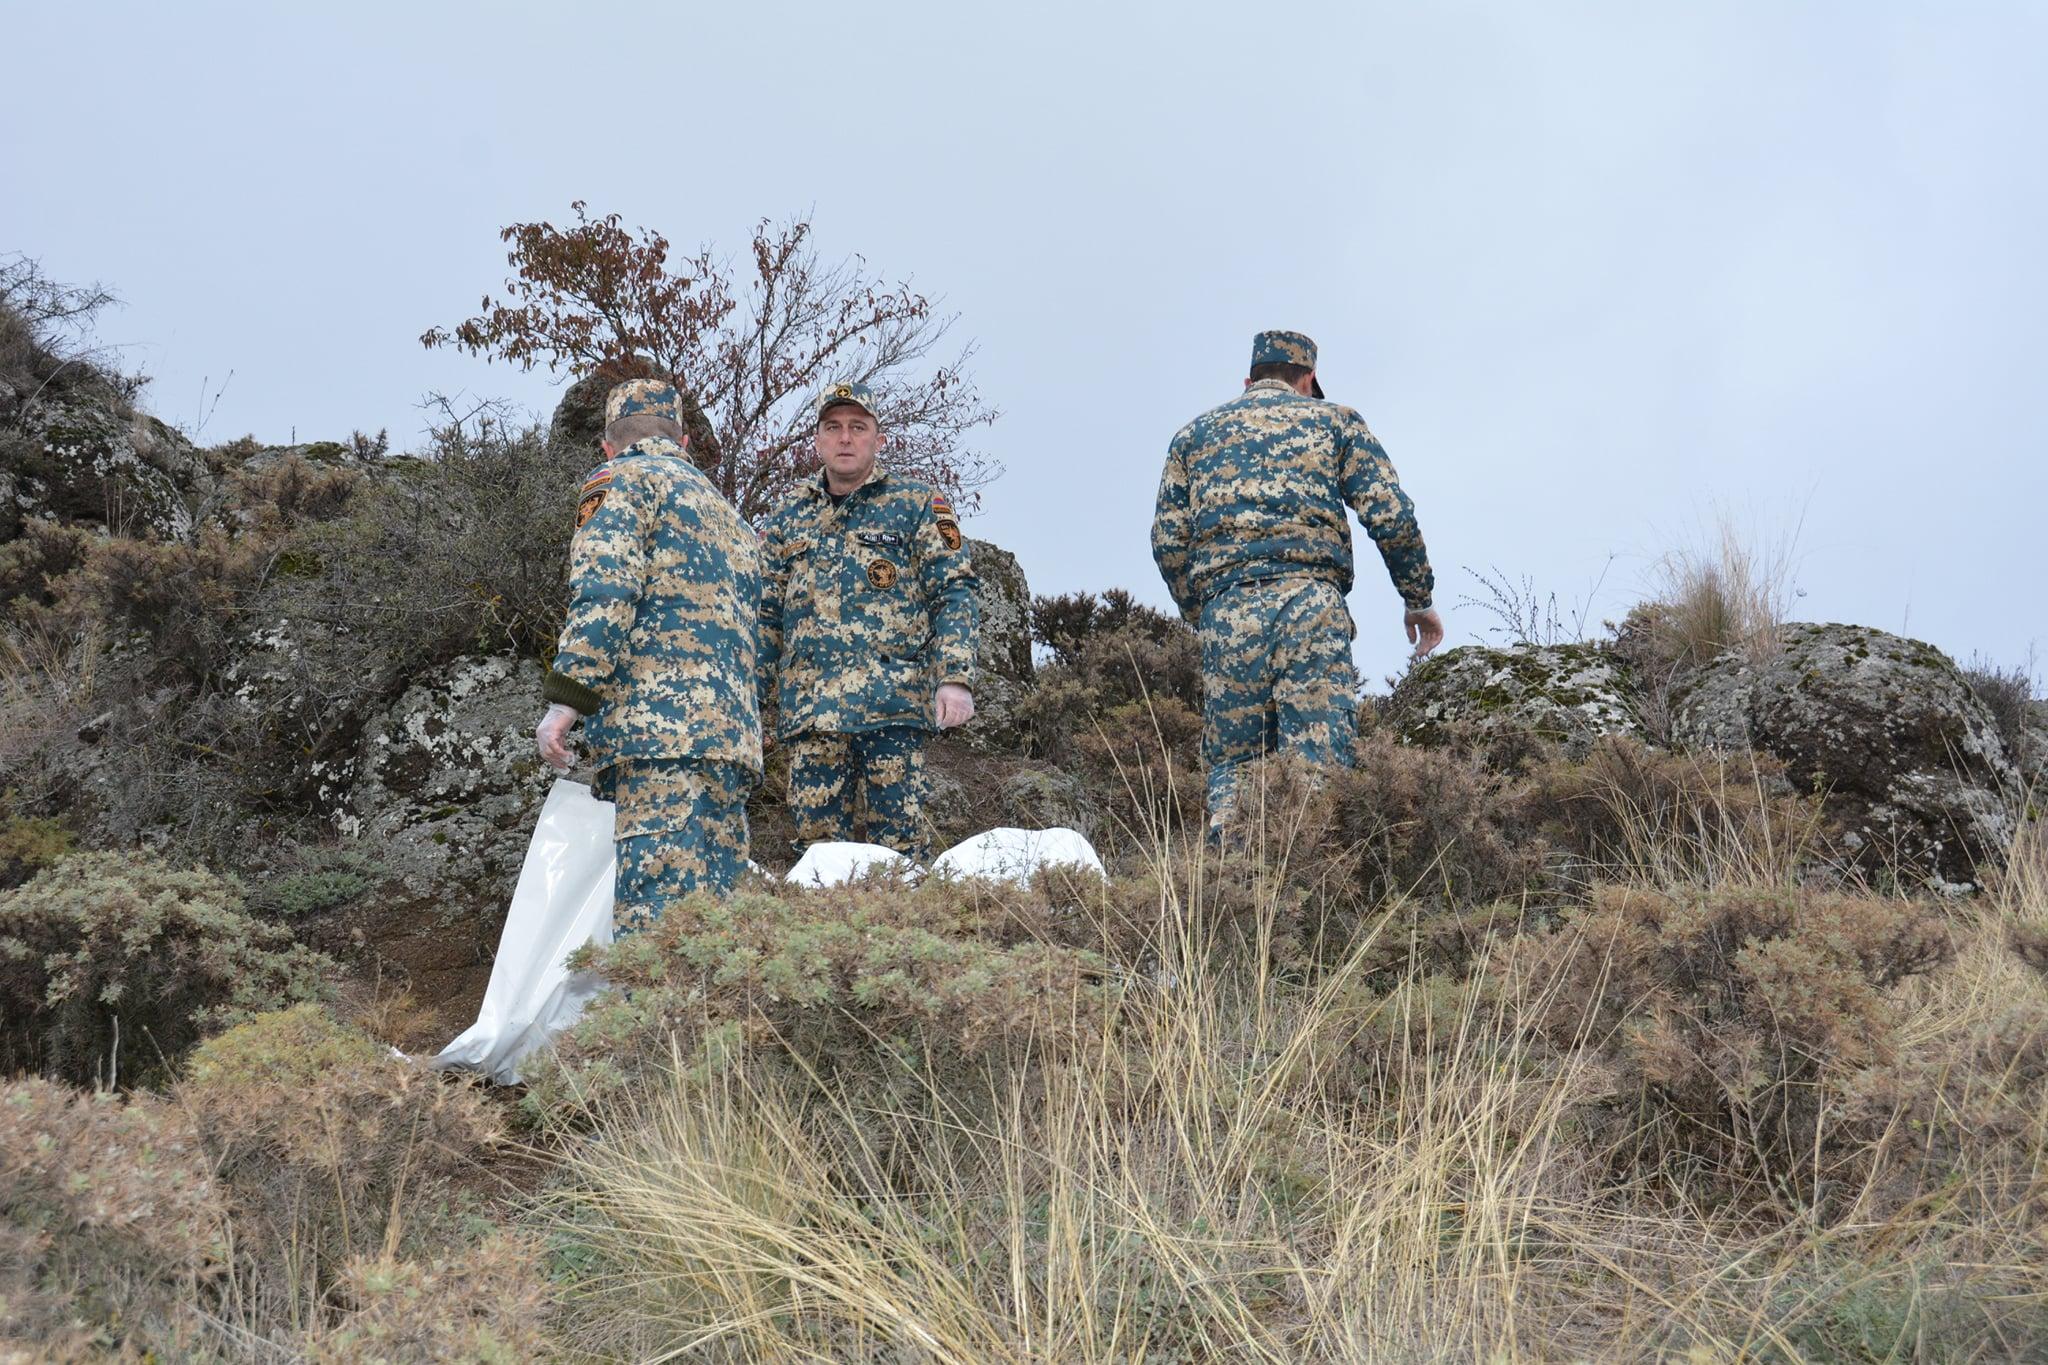 Տեղի է ունեցել զոհված զինծառայողների մարմինների փոխանակում. ՊՆ